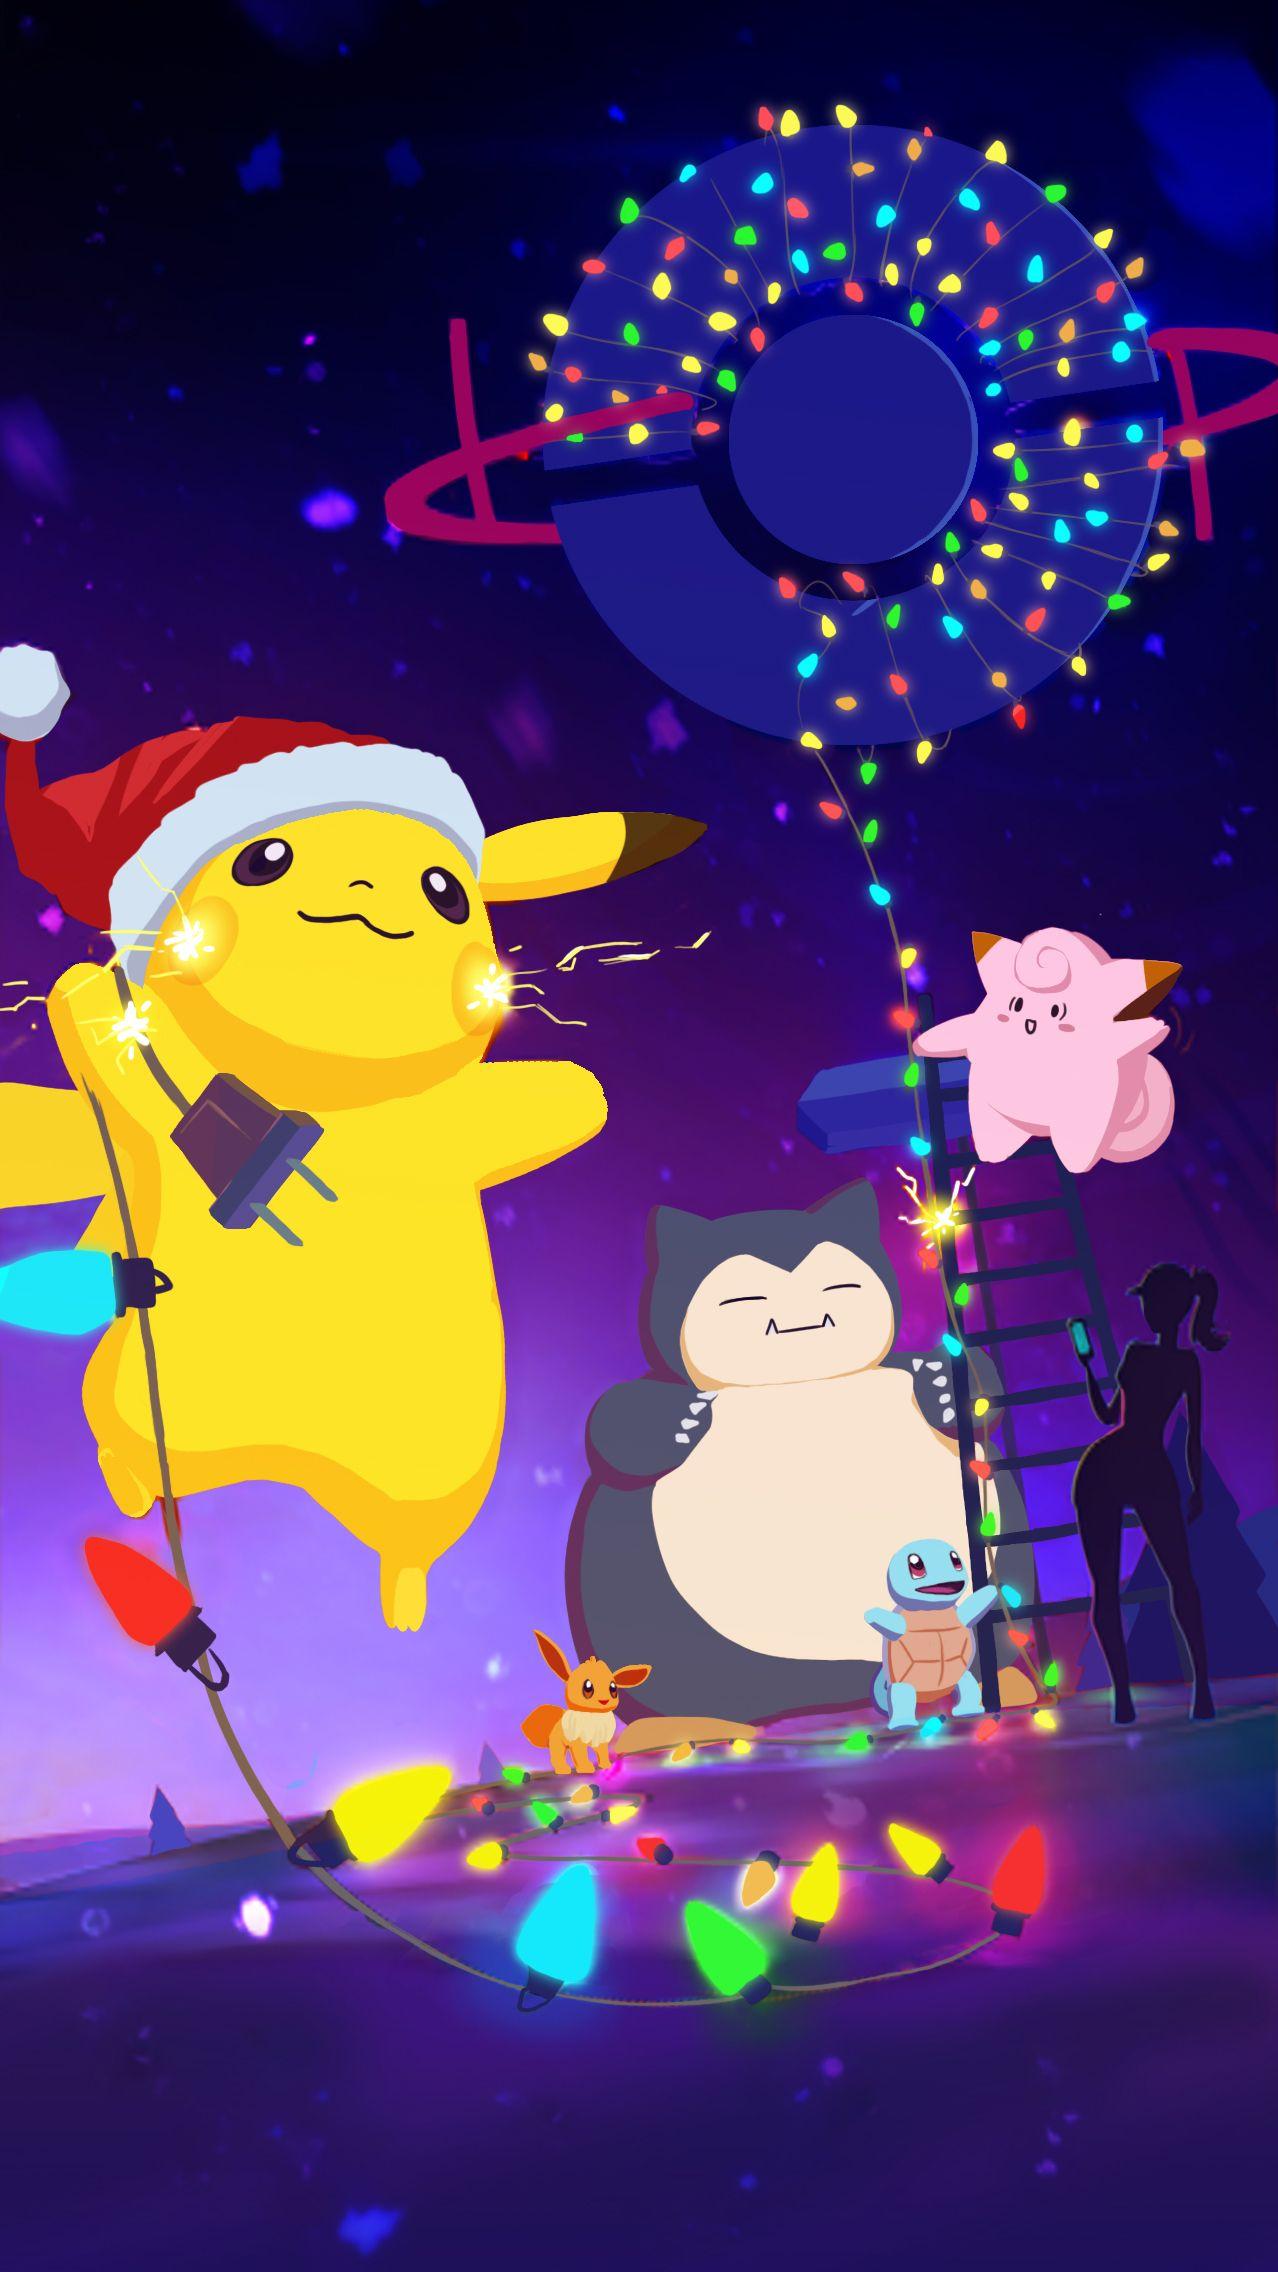 Art Repaint Of The Pokemon Go Christmas Splash Screen Christmas Pokemon Anime Christmas Cool Pokemon Wallpapers